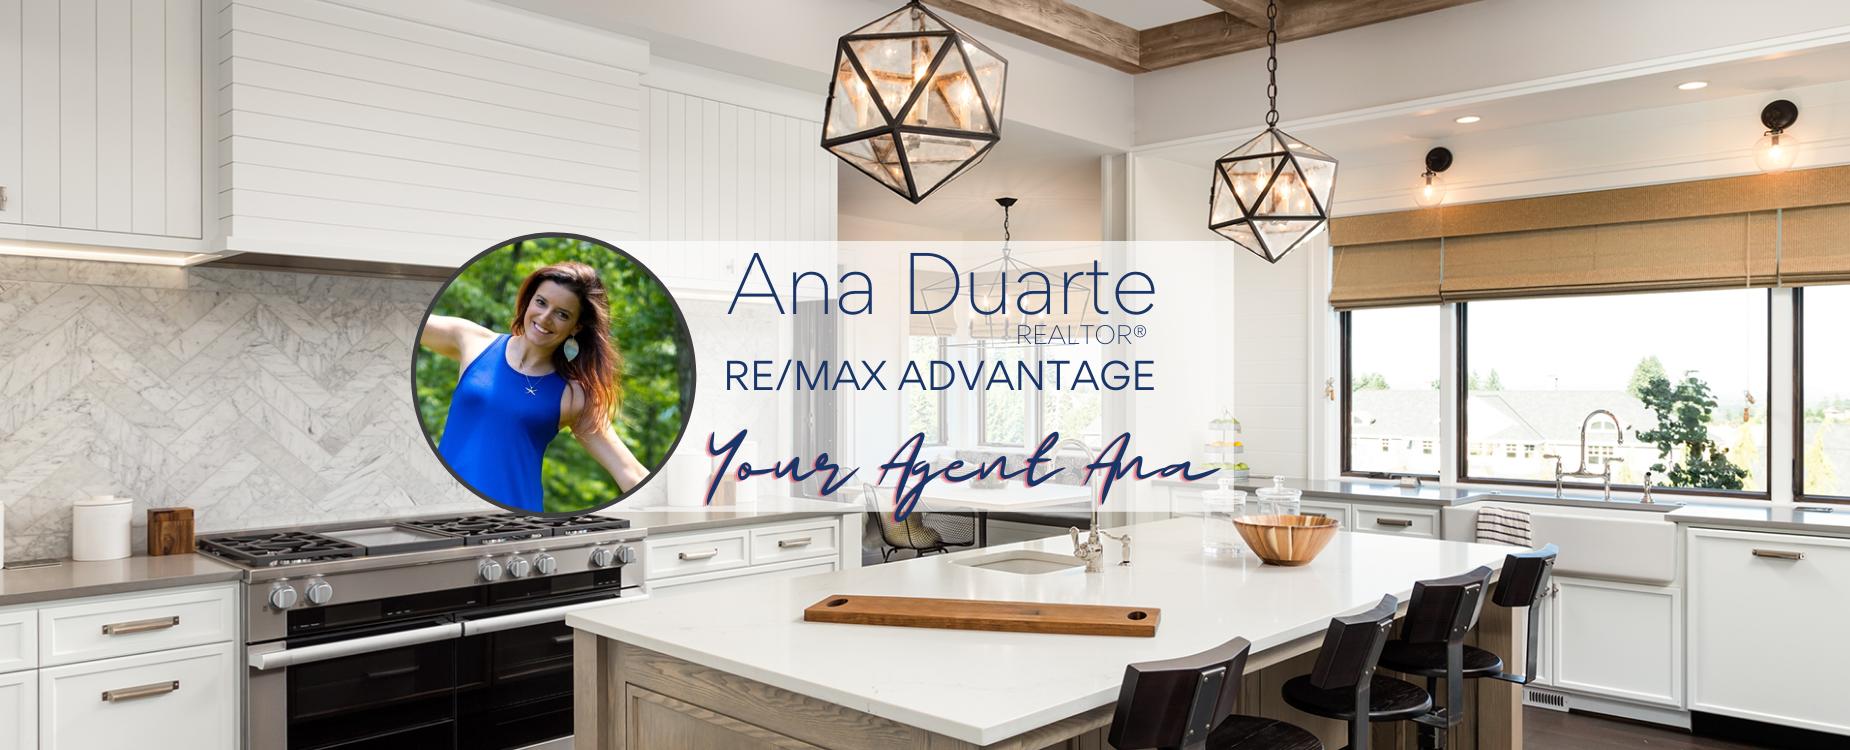 Ana Duarte - RE/MAX VA 3